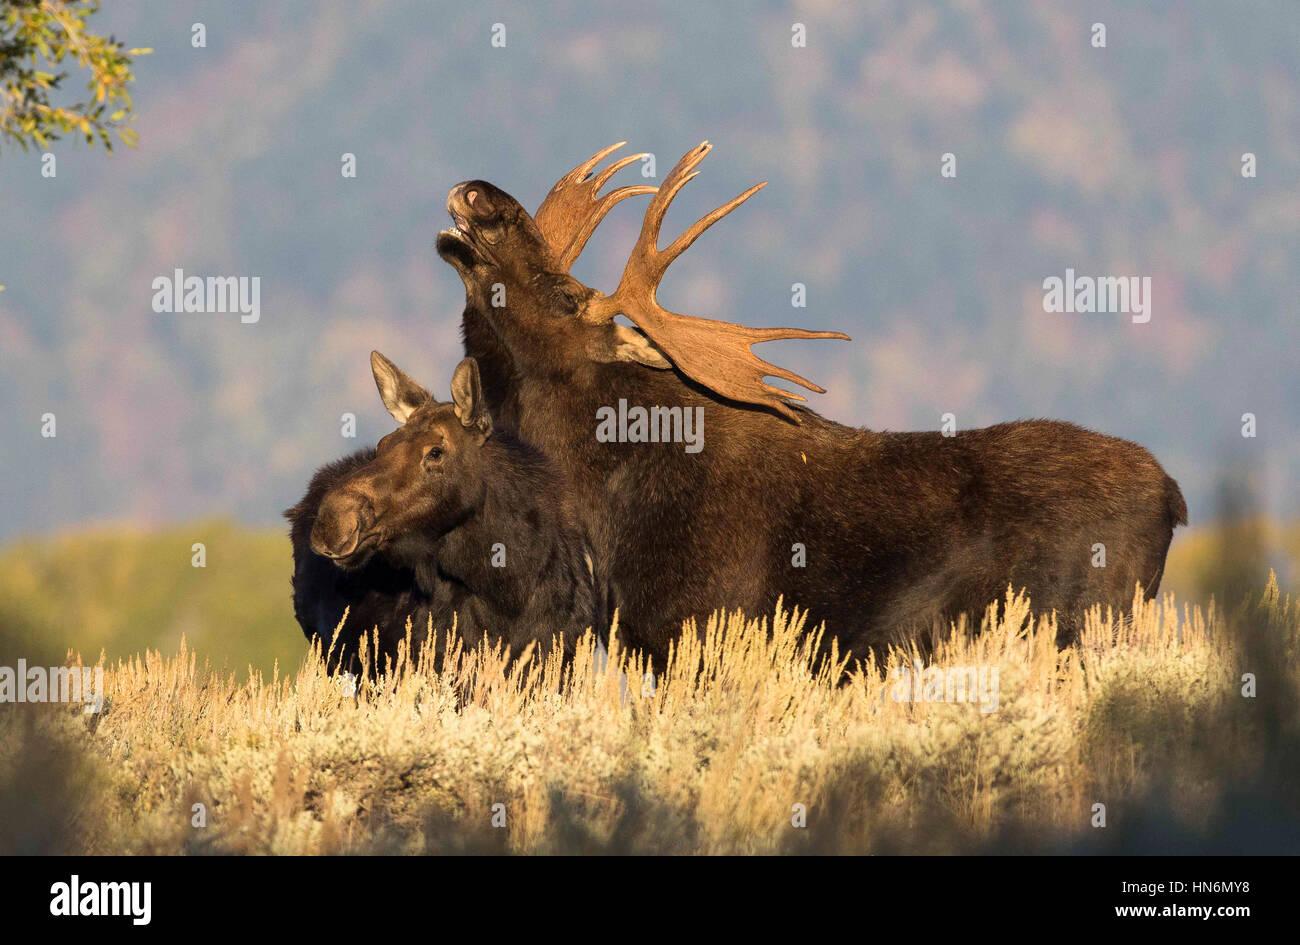 Respuesta flehmen por bull moose más vaca alce en medio de rutina en otoño Imagen De Stock